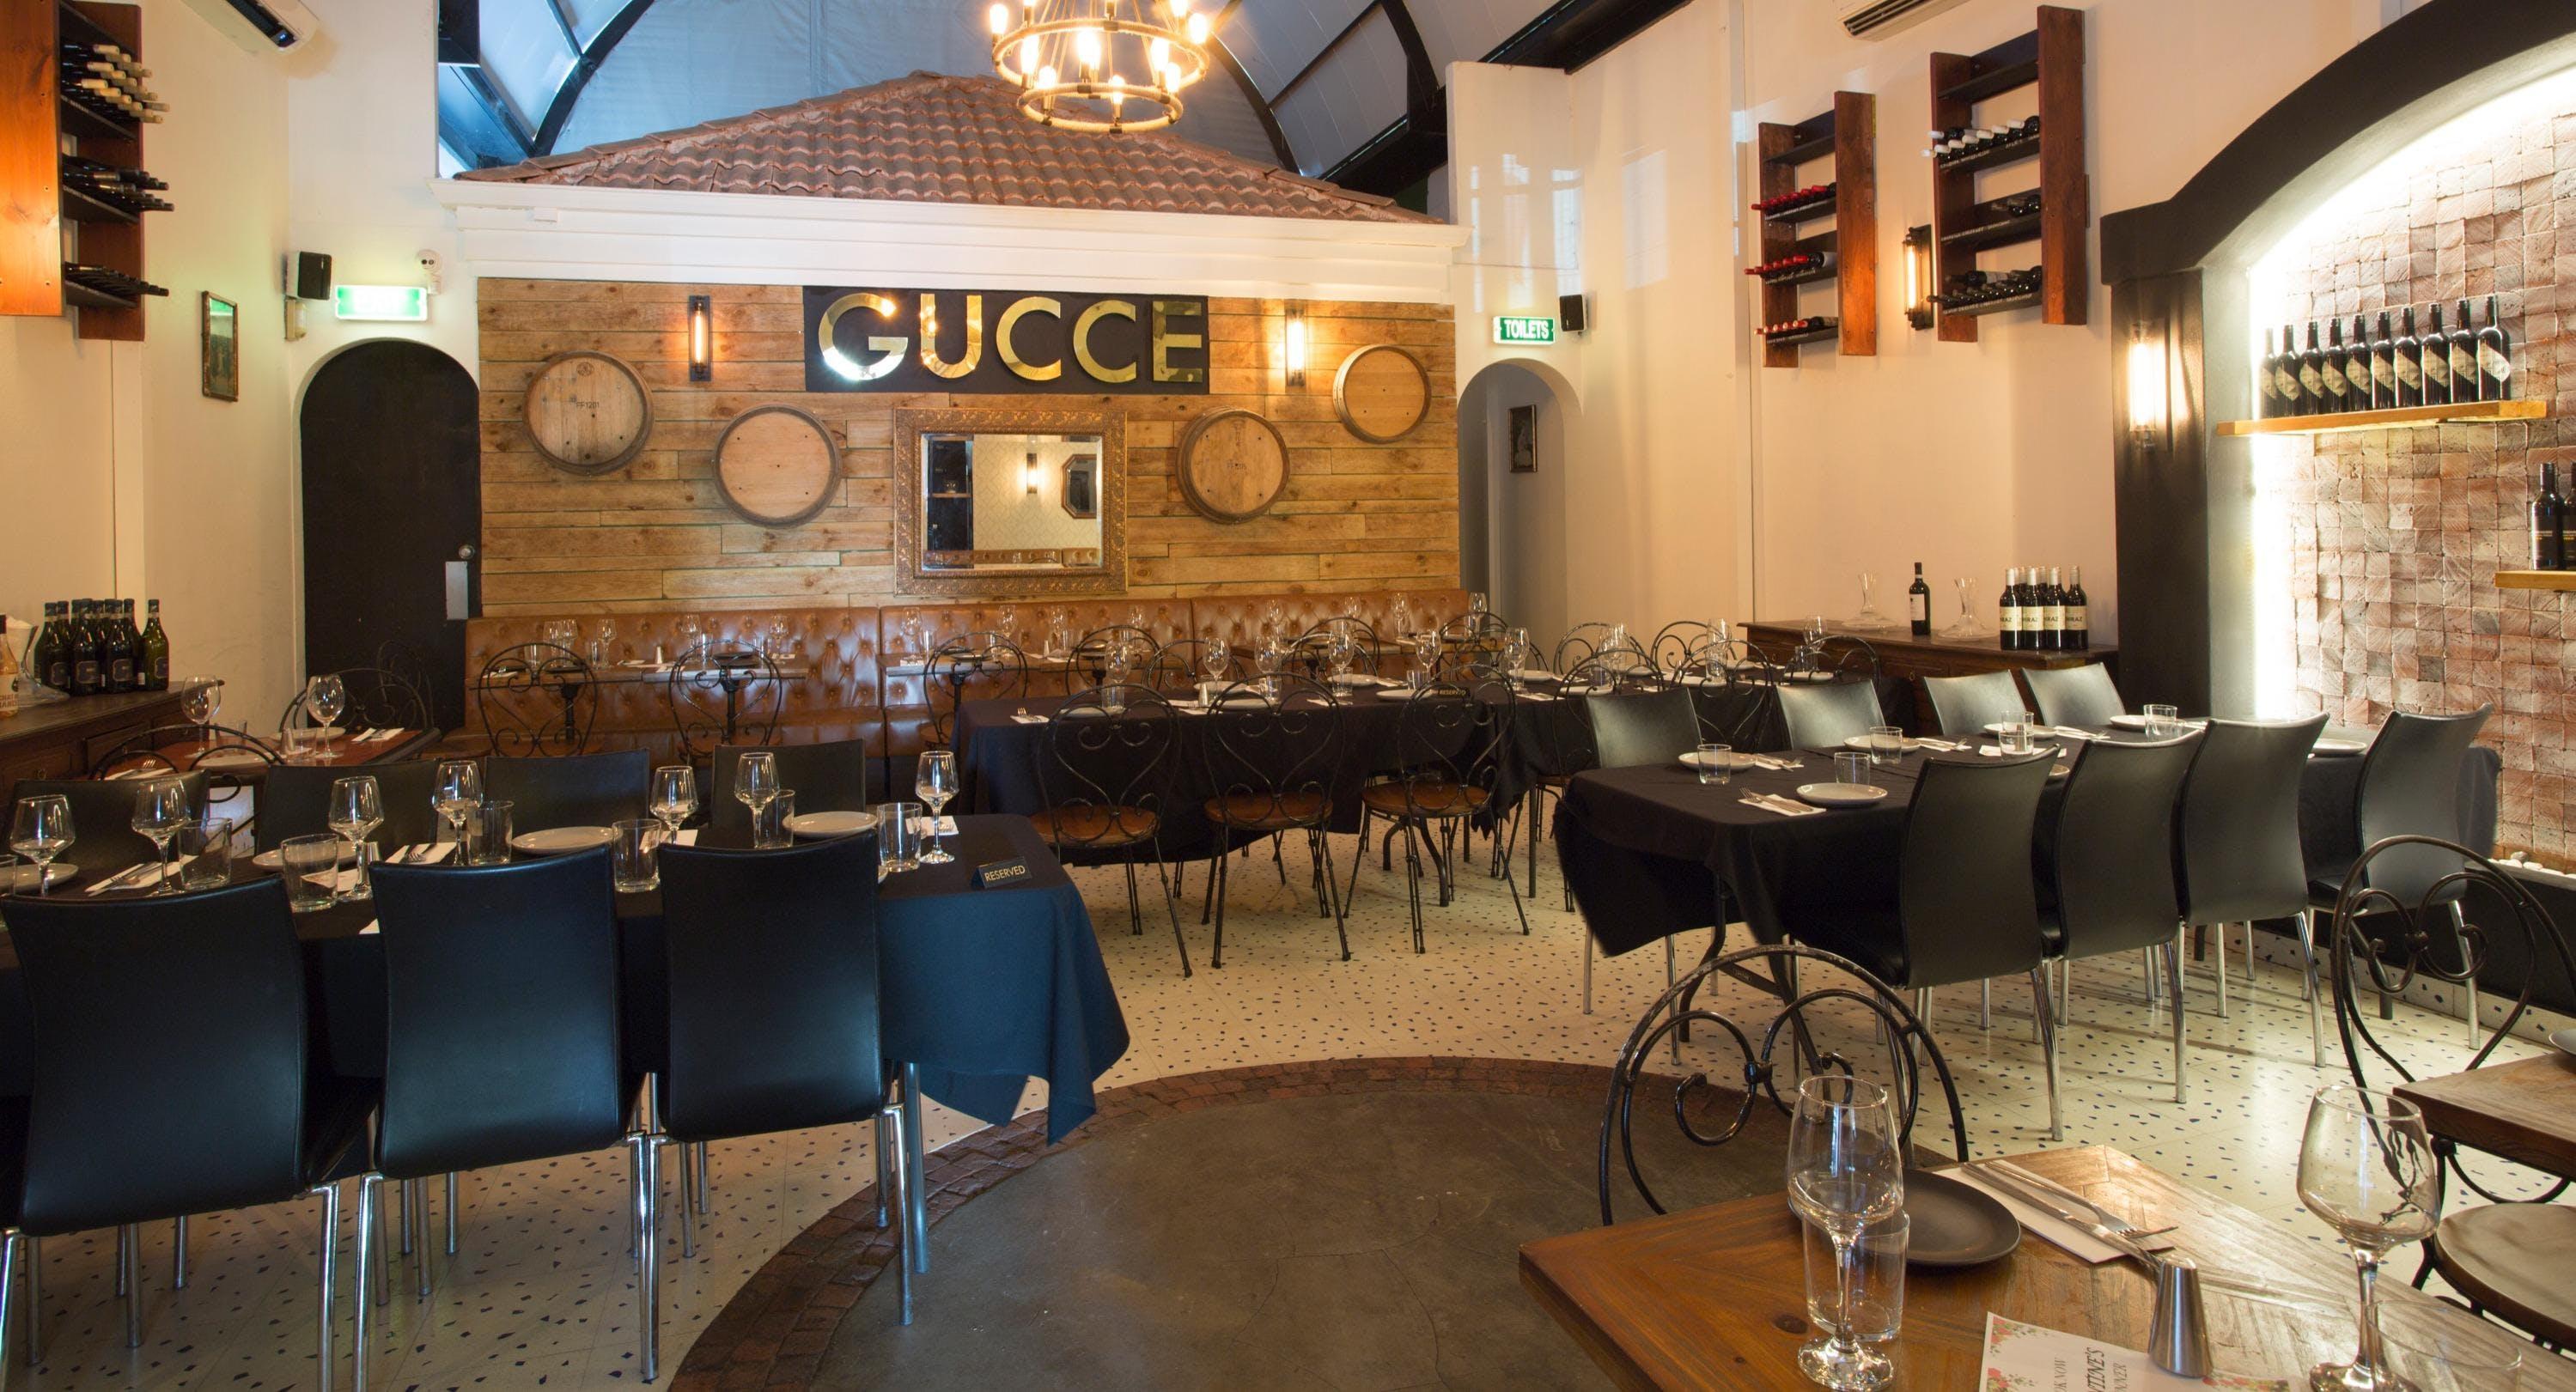 Gucce Pizzeria e Cucina Italiana Perth image 1